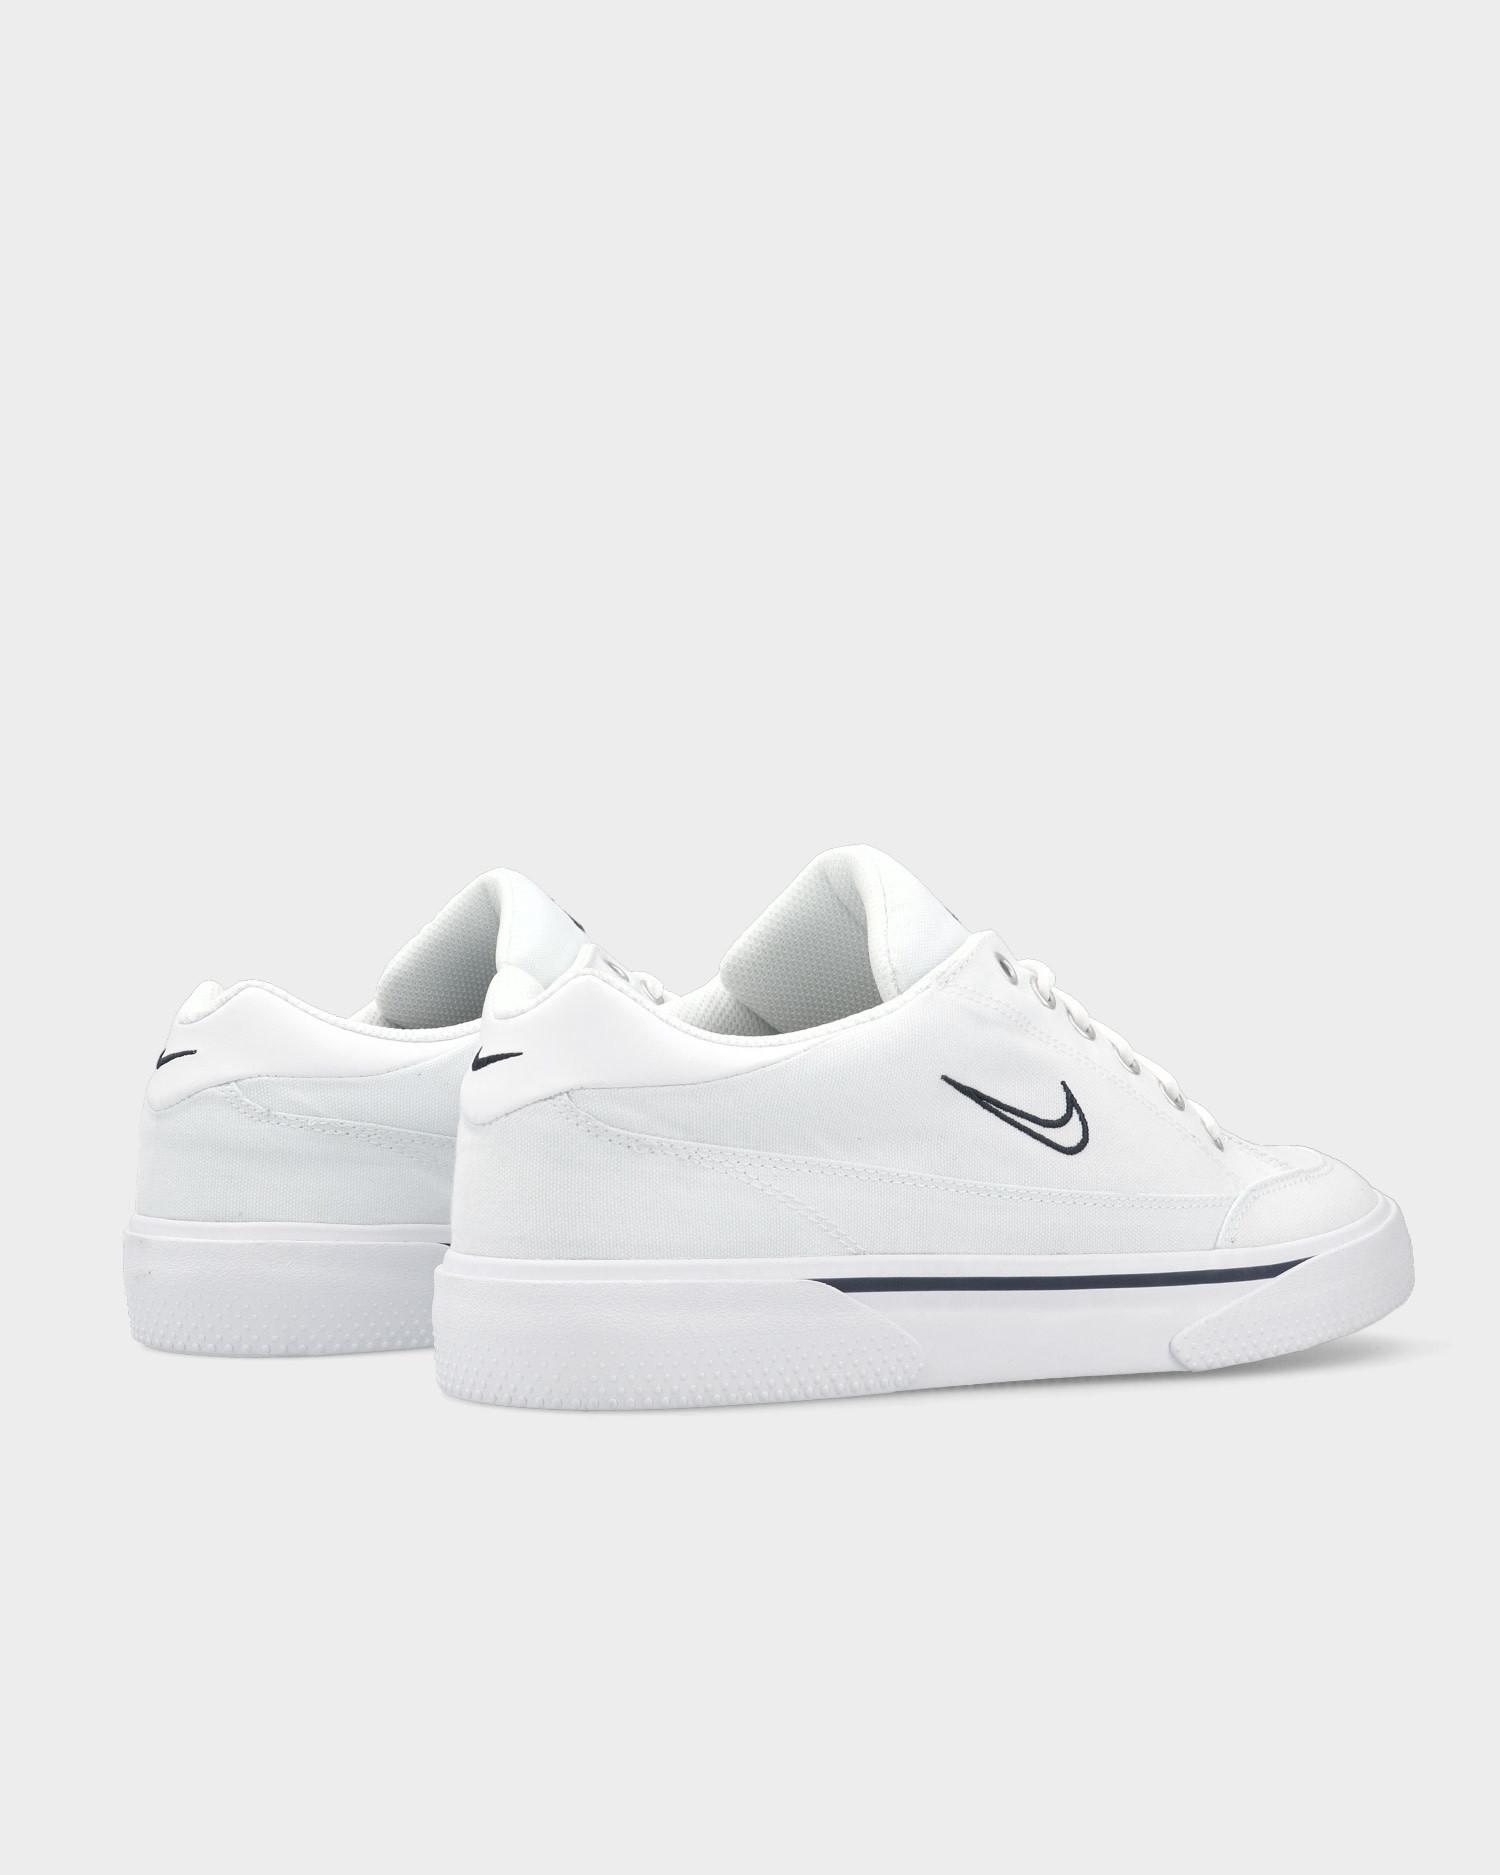 Nike Retro GTS White/Midnight Navy-Matte Aluminum